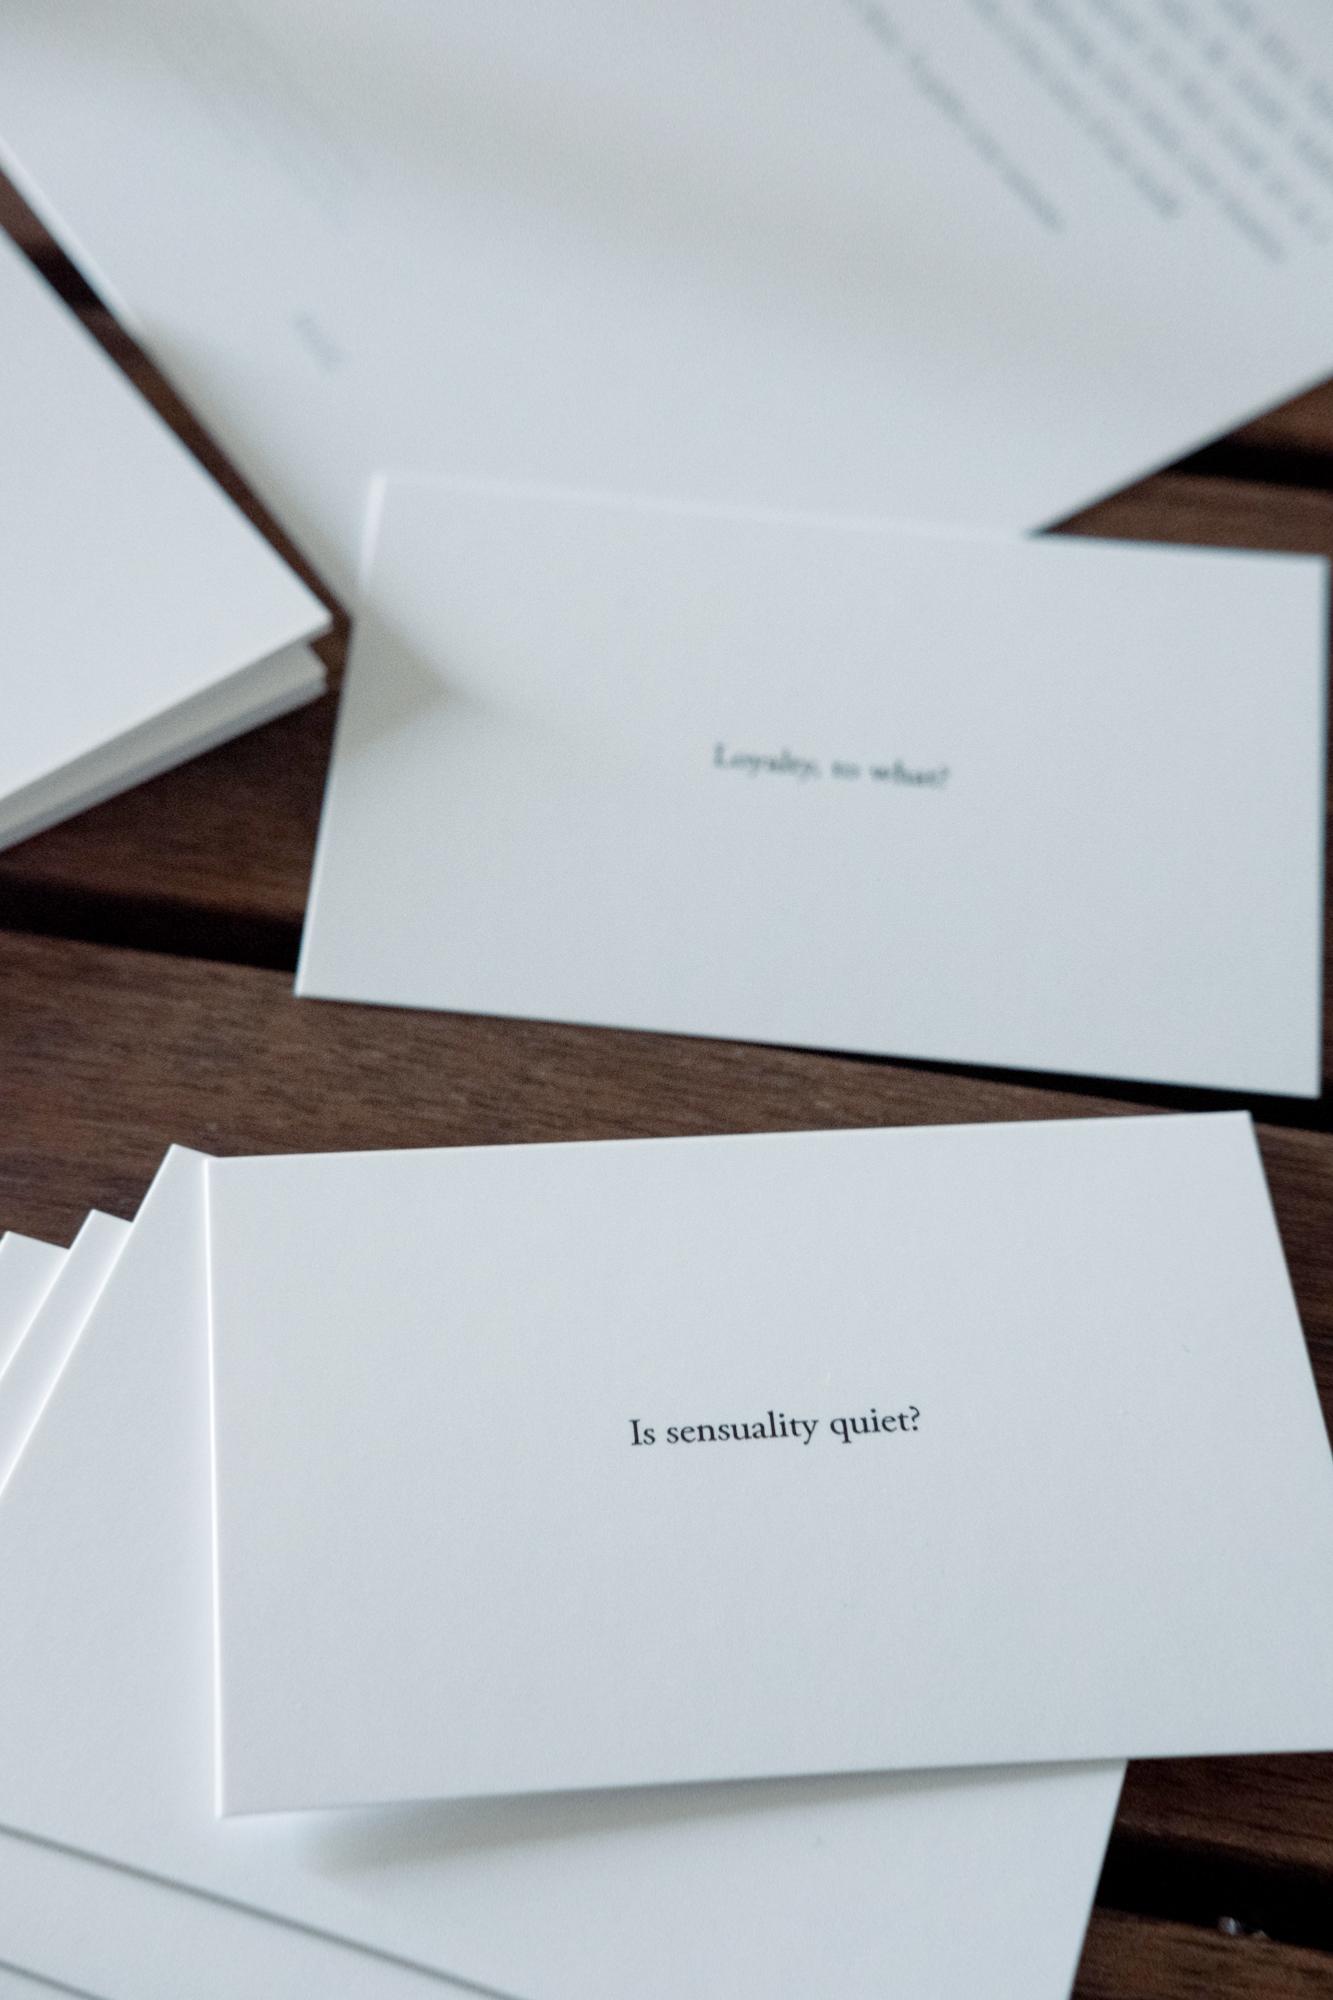 180706_HUGDialogues_Cards-EllieTsatsou-51.jpg